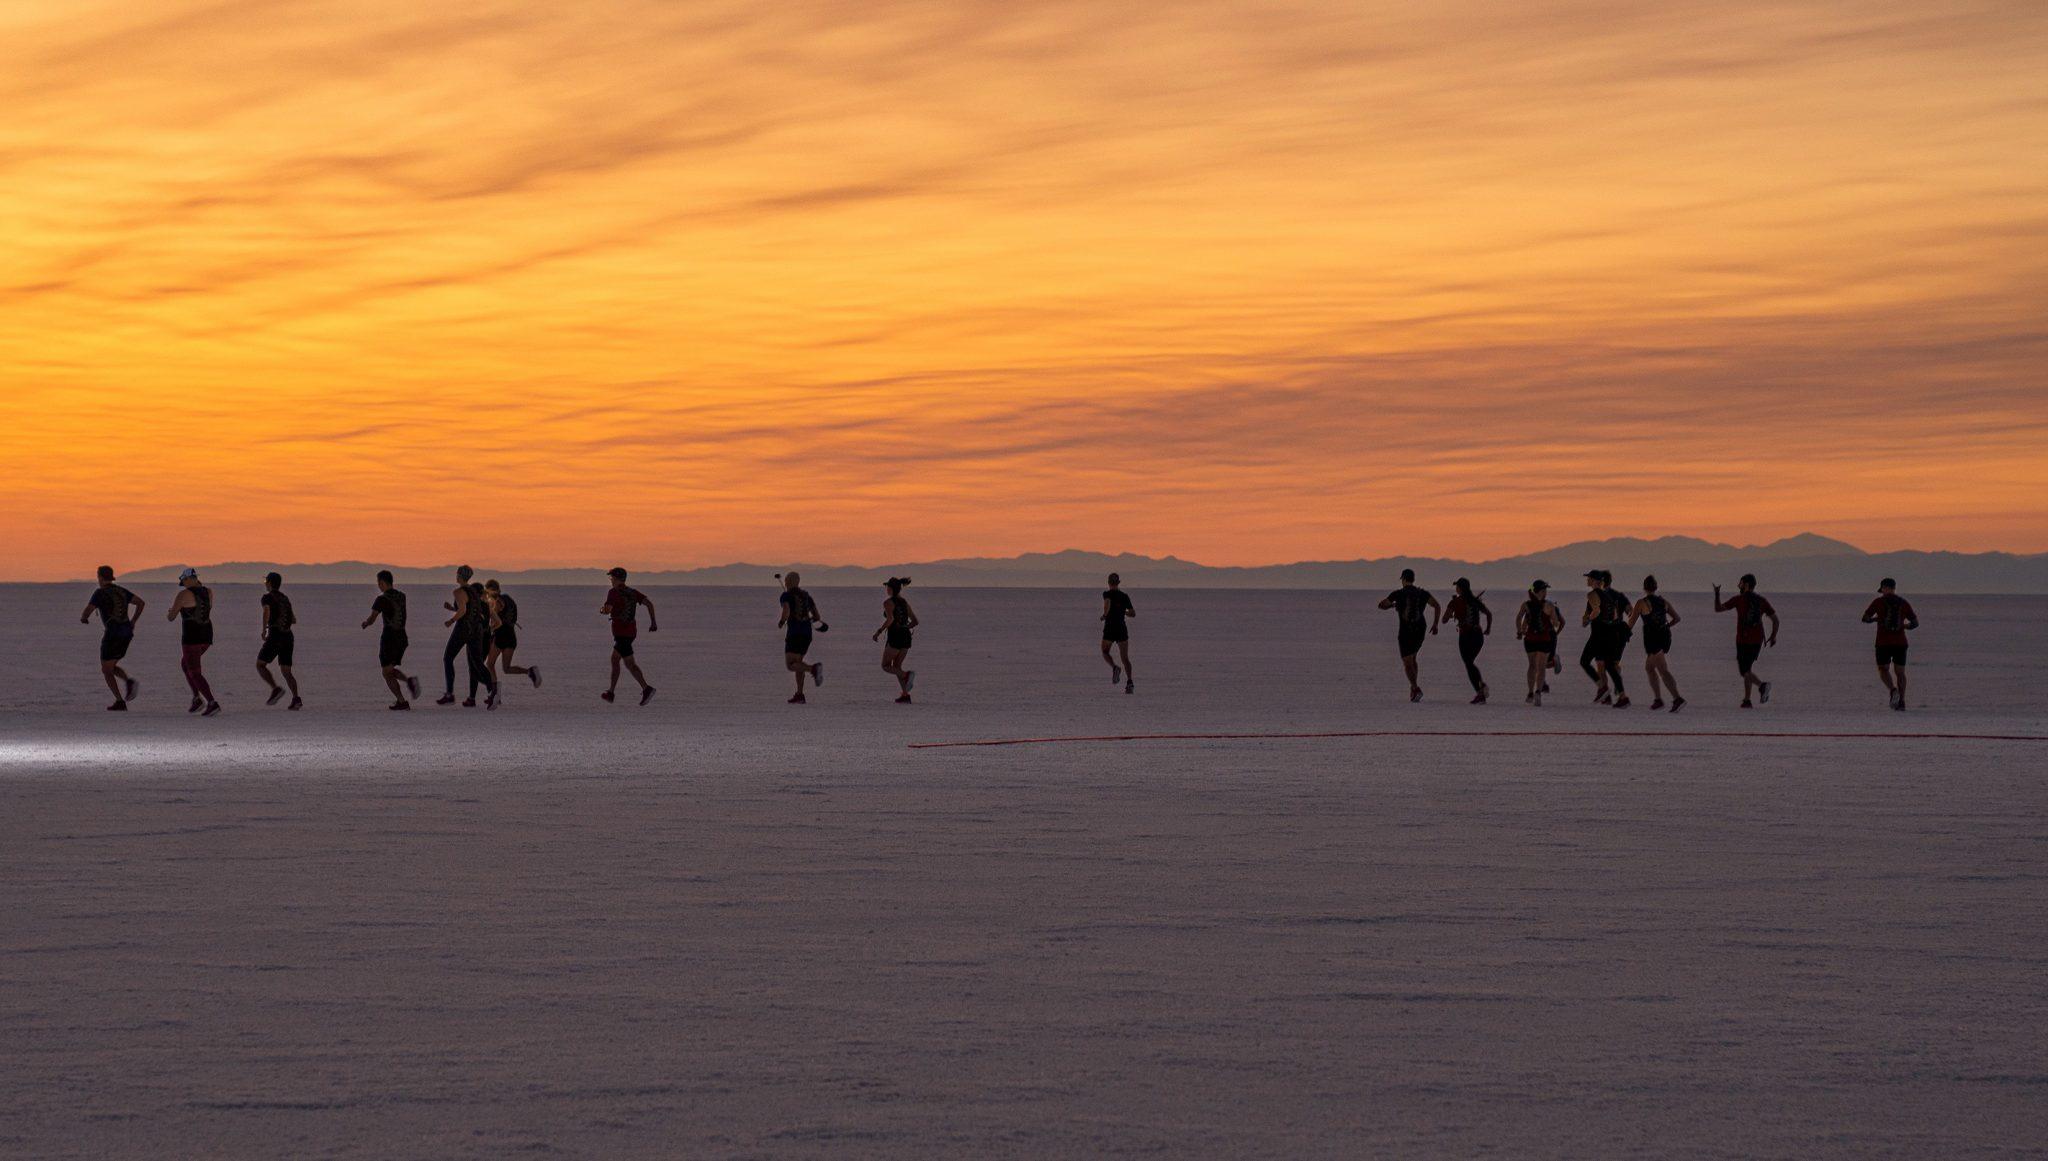 Runners start line sunrise